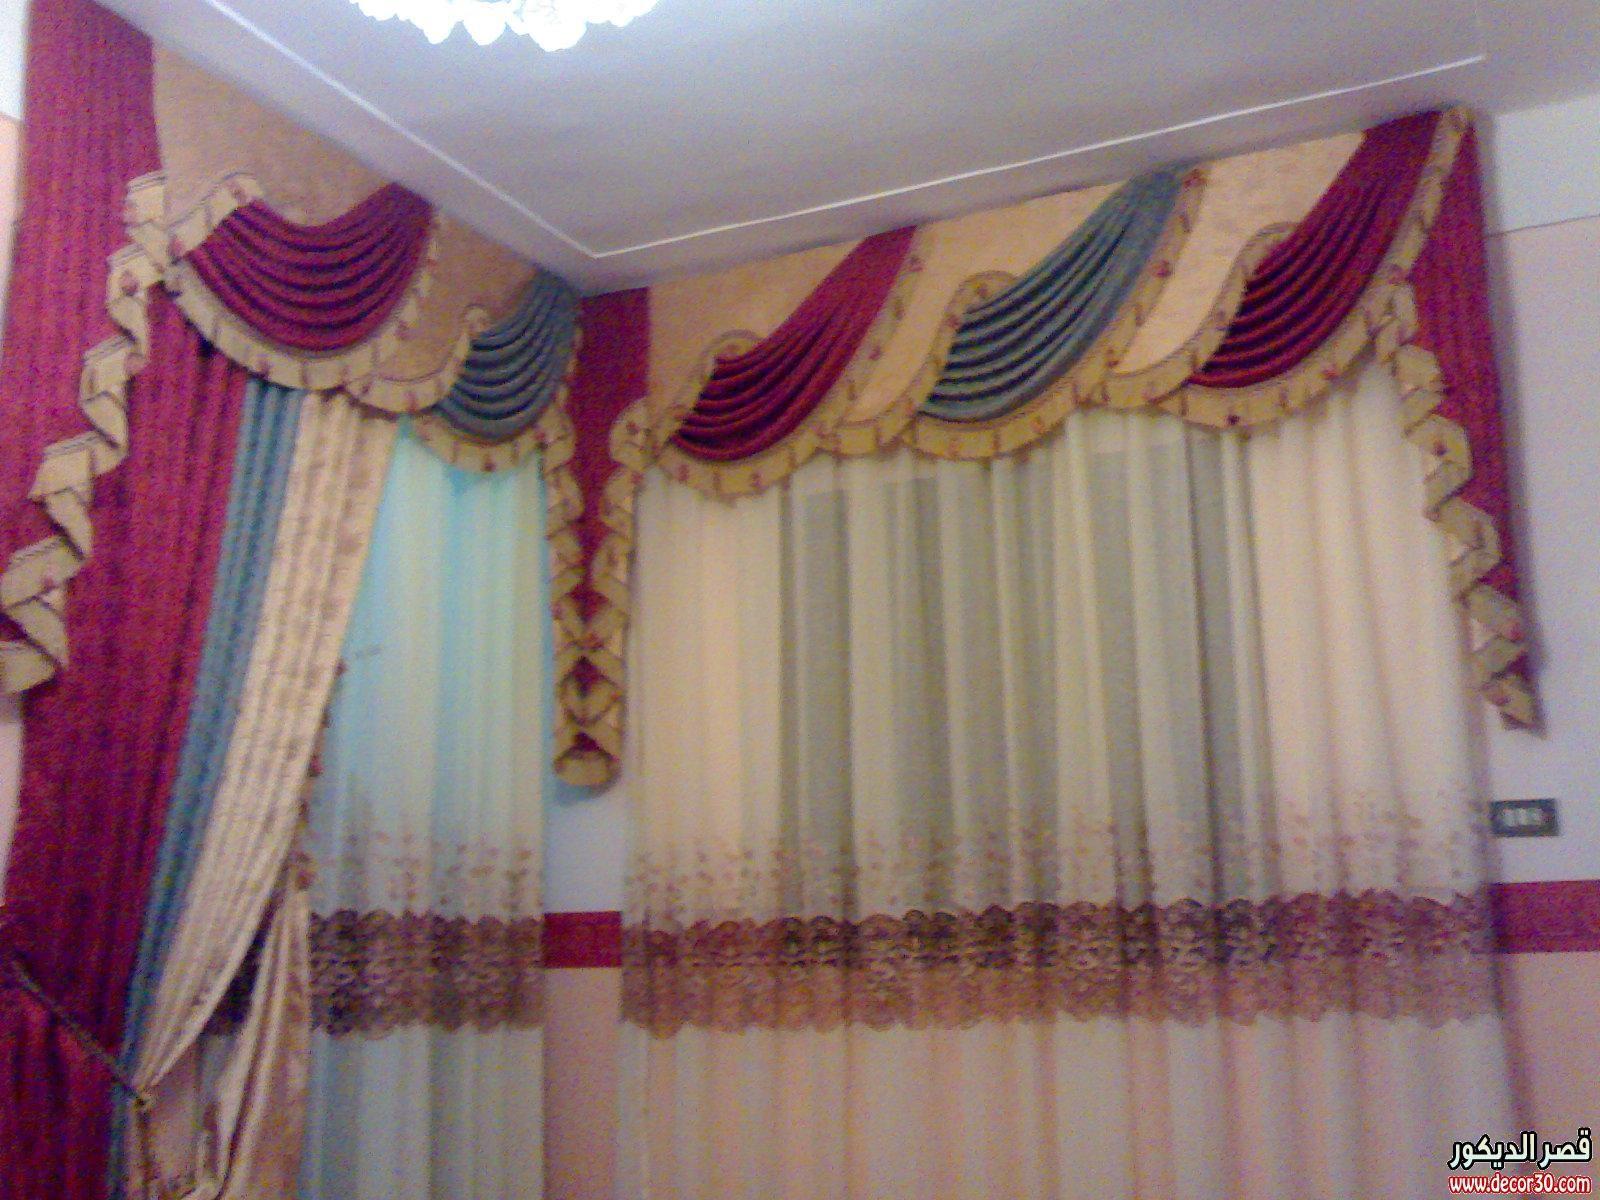 موديلات ستائر جديدة Curtains Of The Utmost Heakh Decor Home Decor Curtains